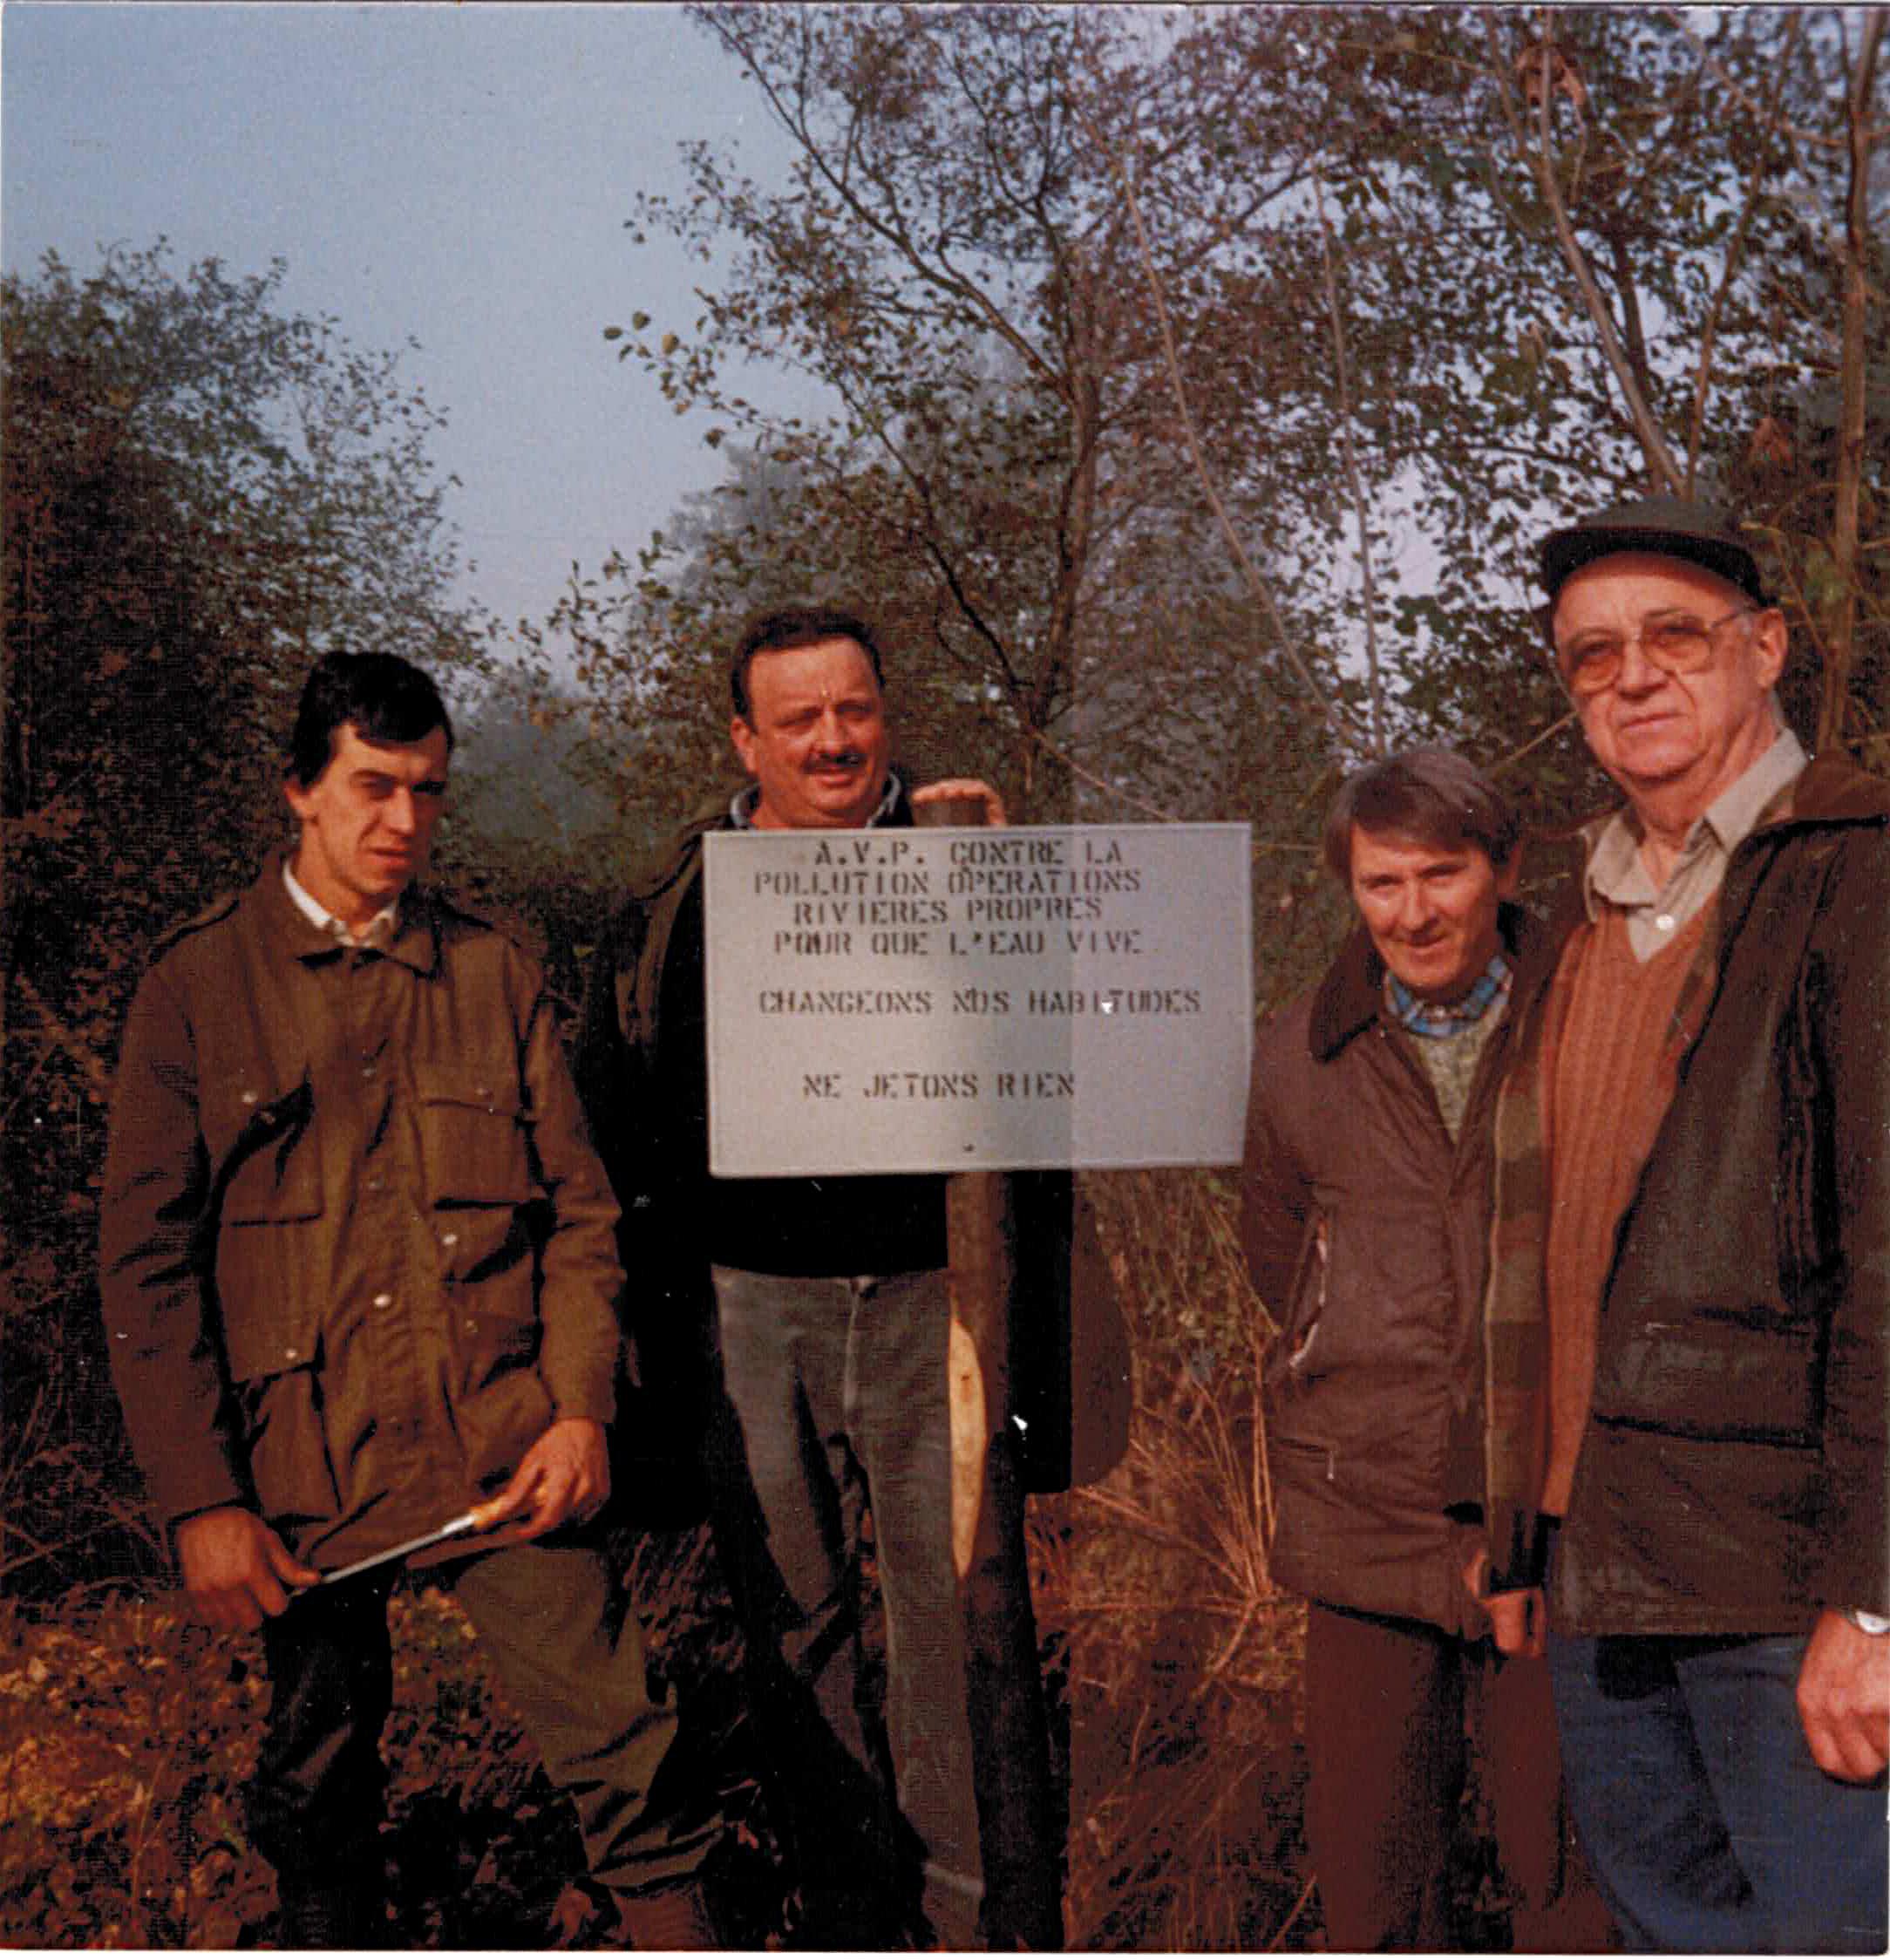 Panneaux contre pollution 1989 (3)